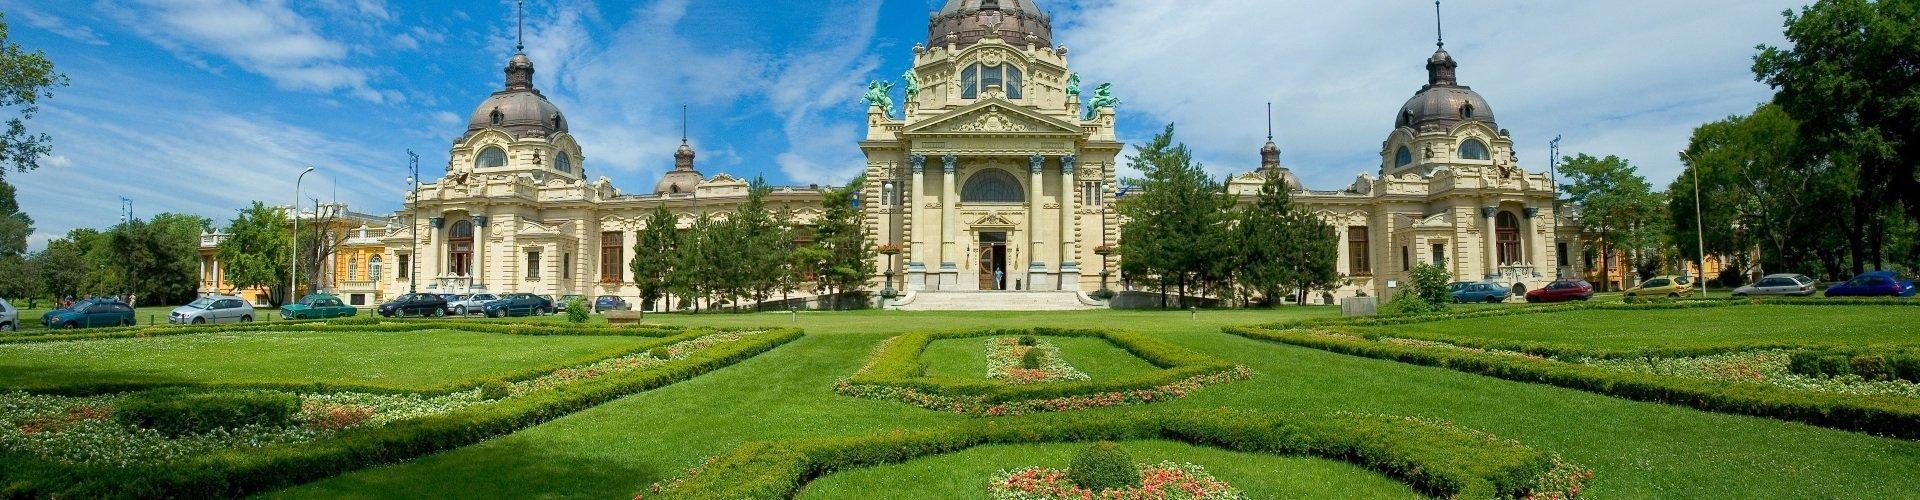 Familienurlaub in Ungarn